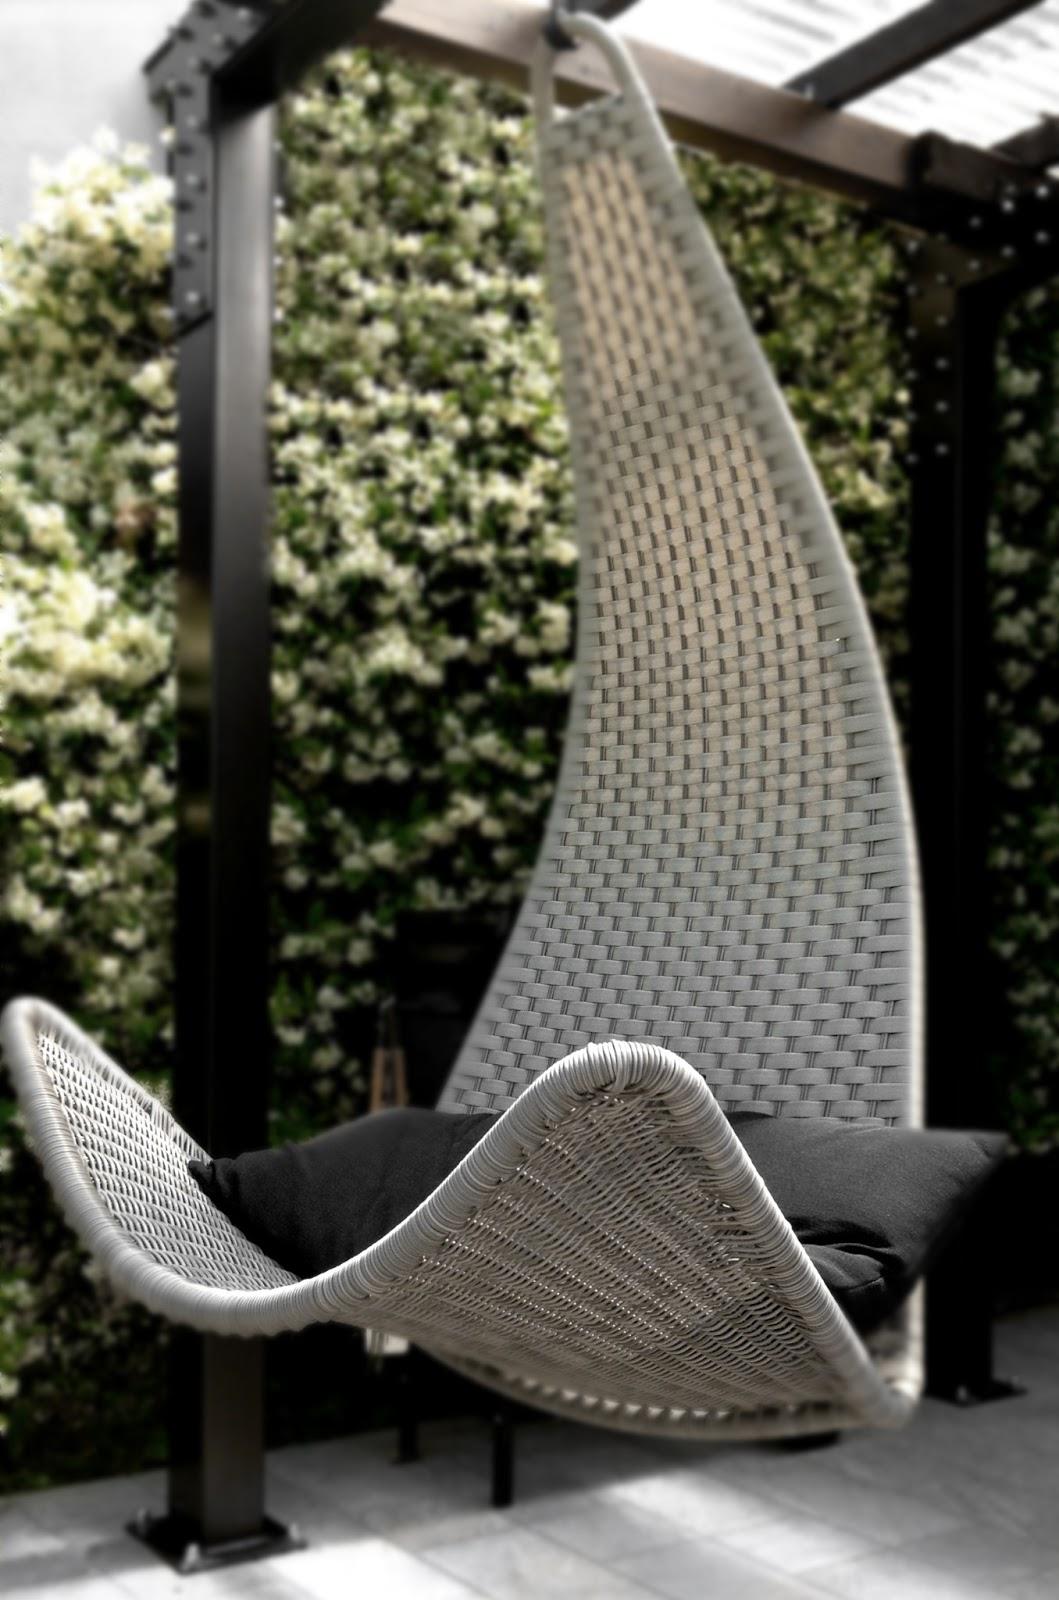 Fantastico Sedia Dondolo Giardino Immagine Di Giardino Design